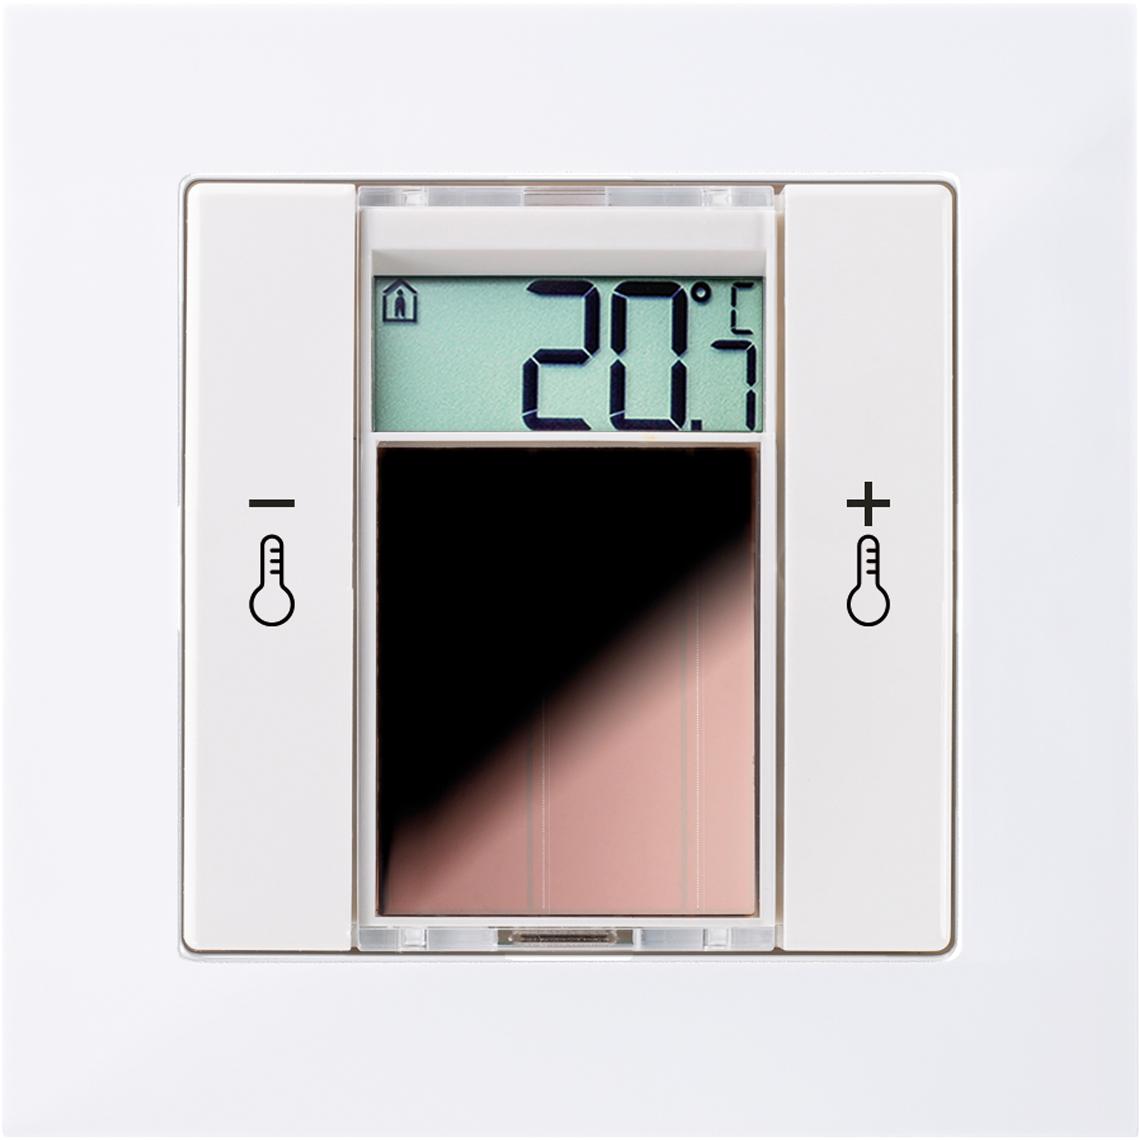 SR06 LCD 2T Merten M-Pure reinweiß glänzend / polarweiß glänzend Produktbild